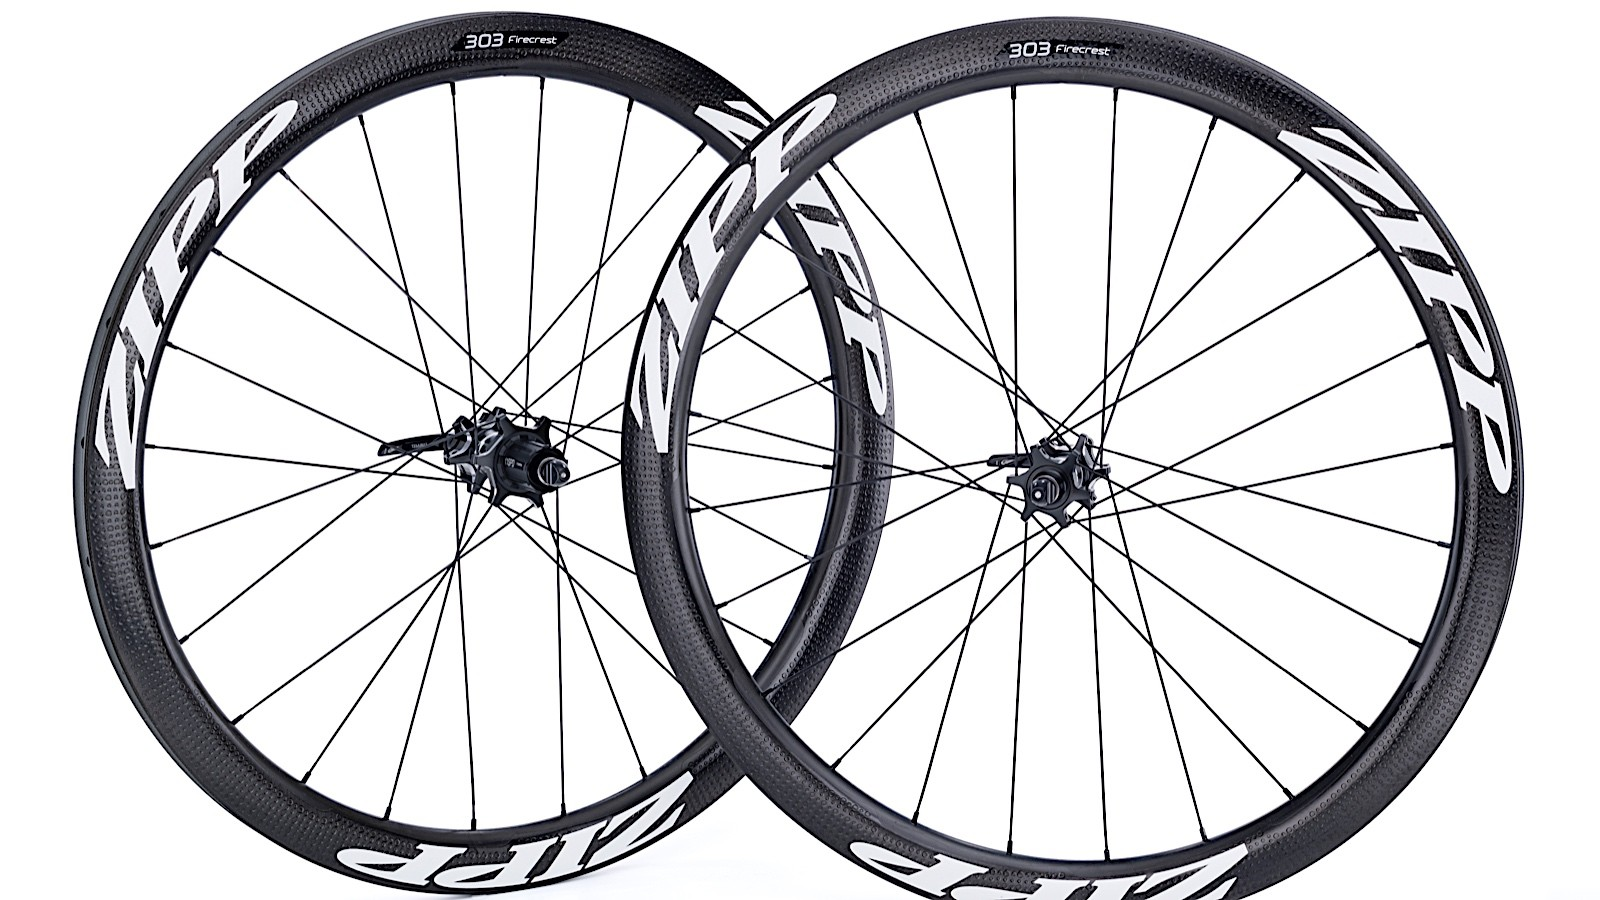 Zipp goes tubular with 303 Firecrest and 454 NSW wheels - BikeRadar